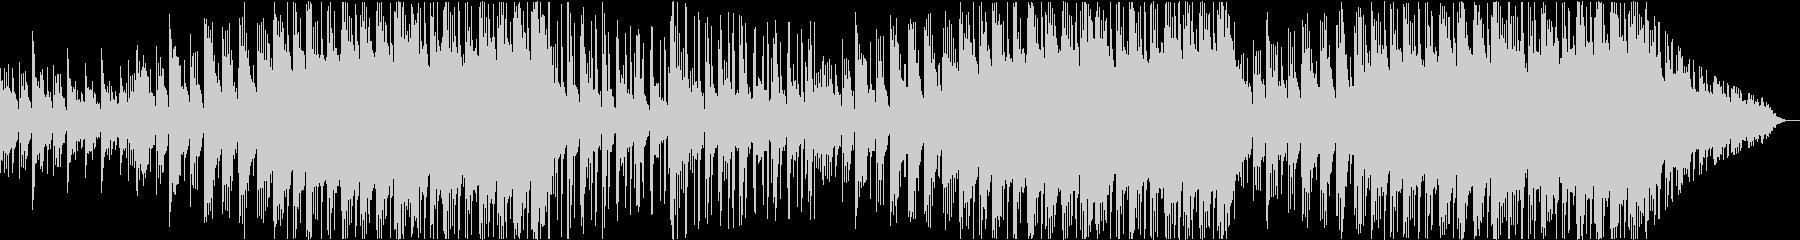 ドラム音量を下げたバージョンの未再生の波形